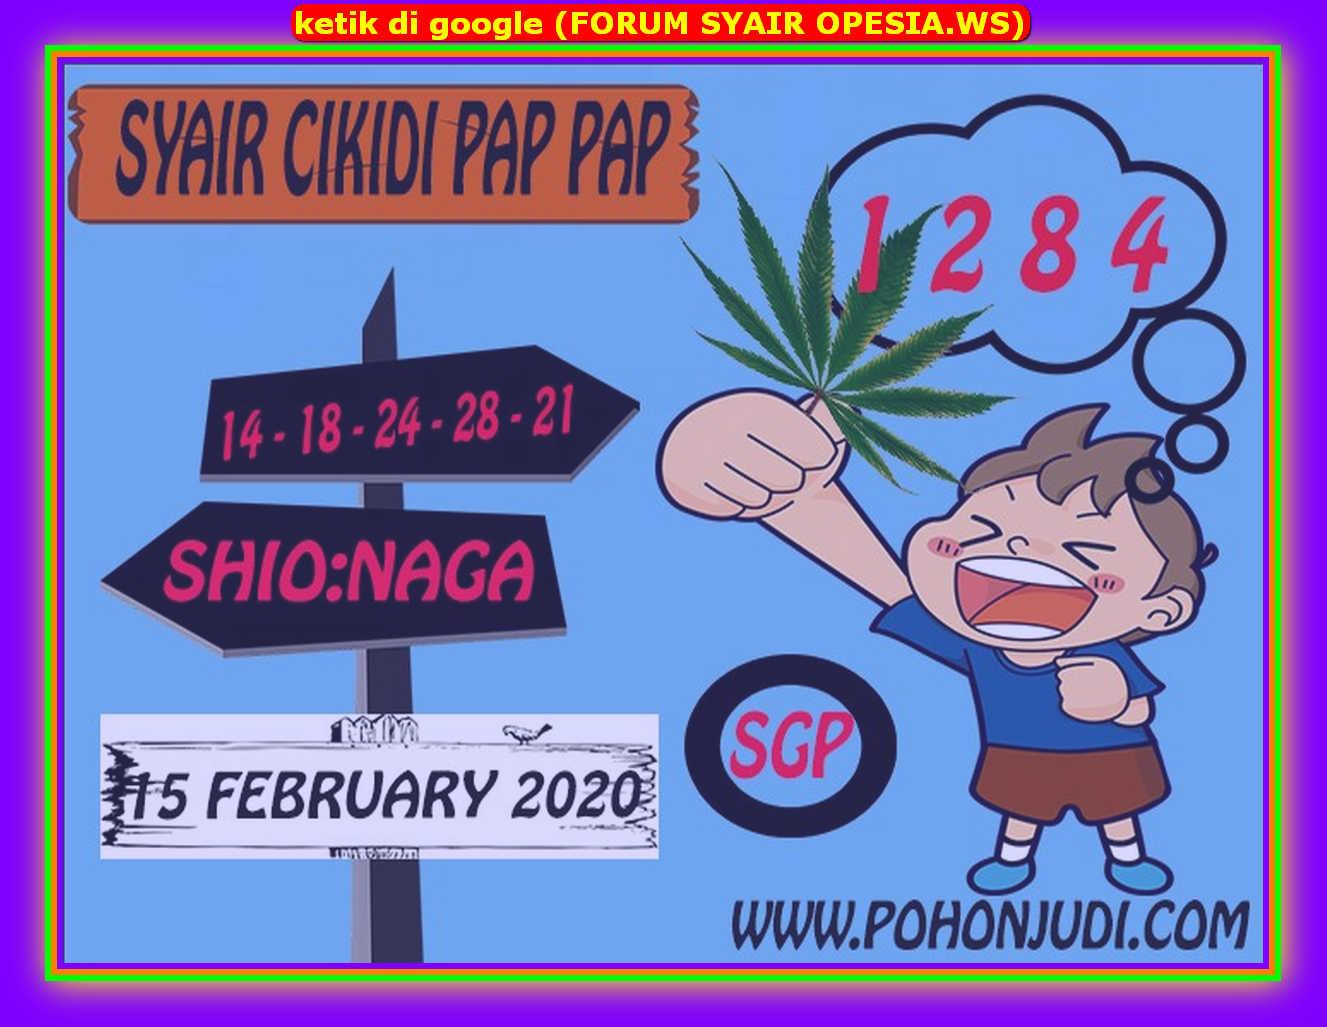 Kode syair Singapore Sabtu 15 Februari 2020 124